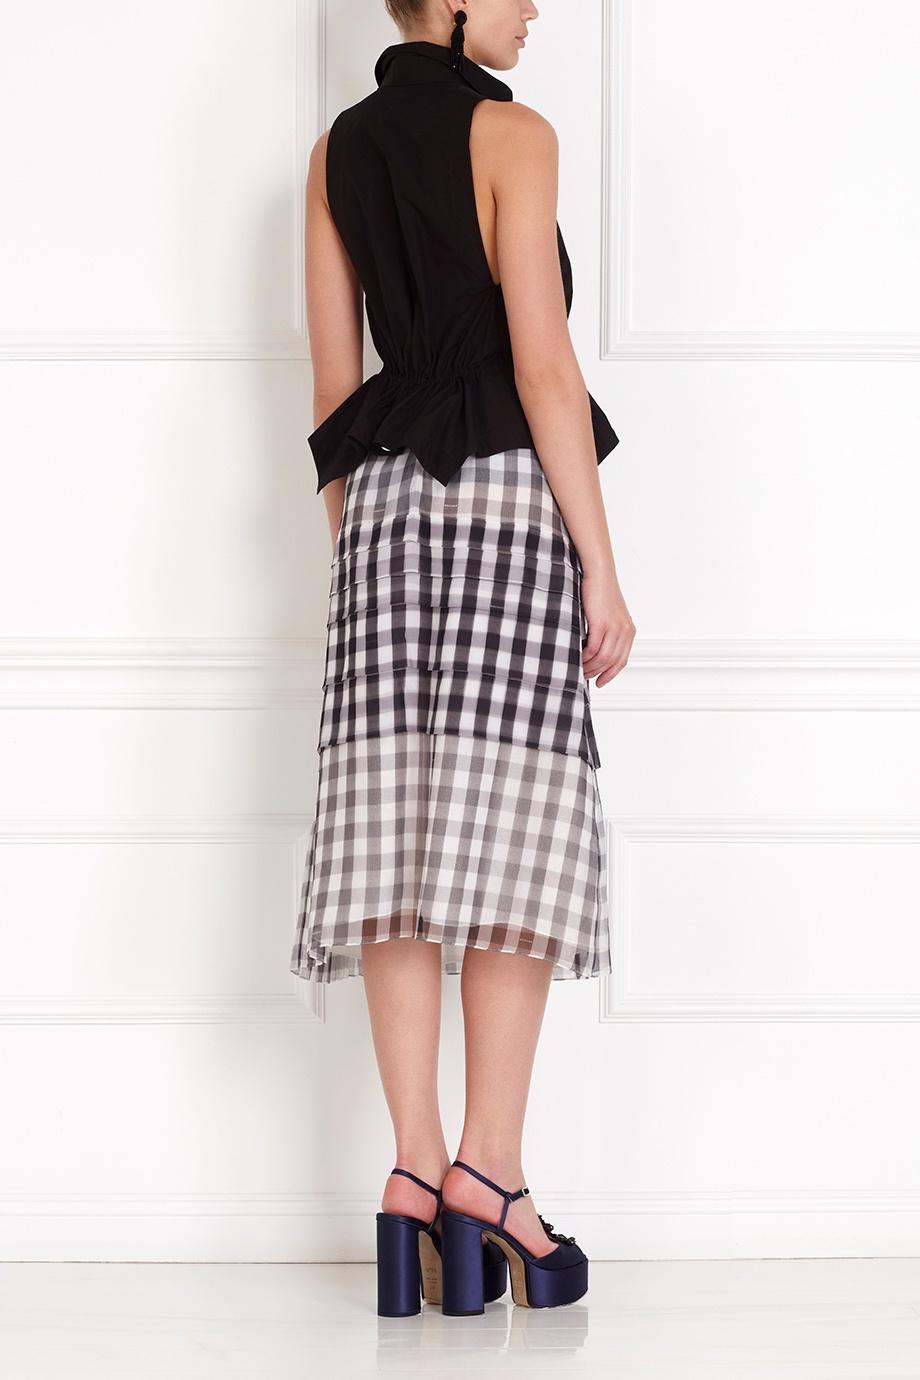 Кожаная юбка с блузкой доставка